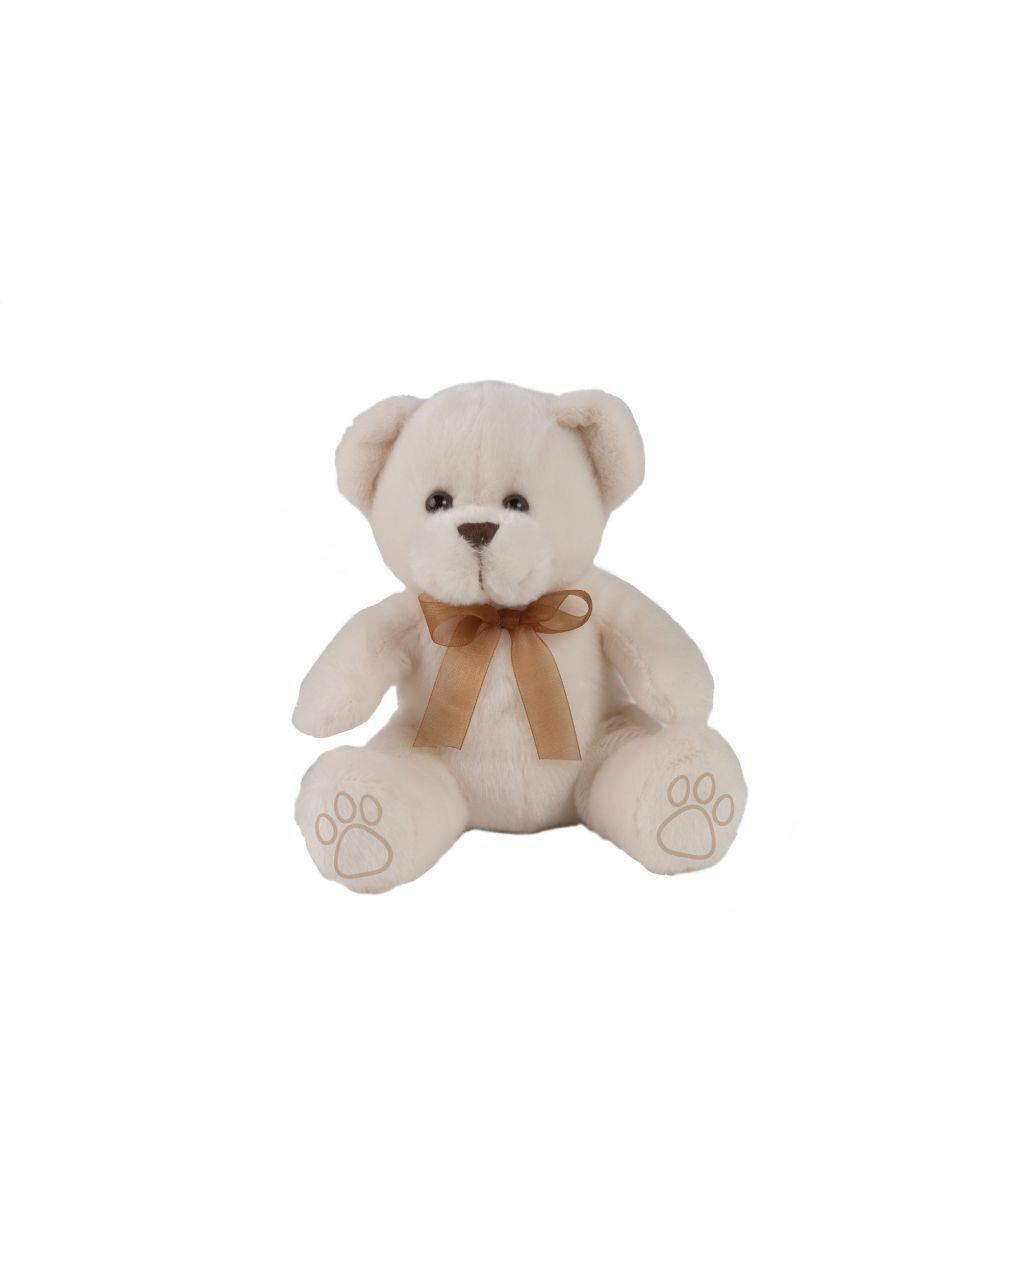 Ami plush - peluche orso 42cm - Ami Plush